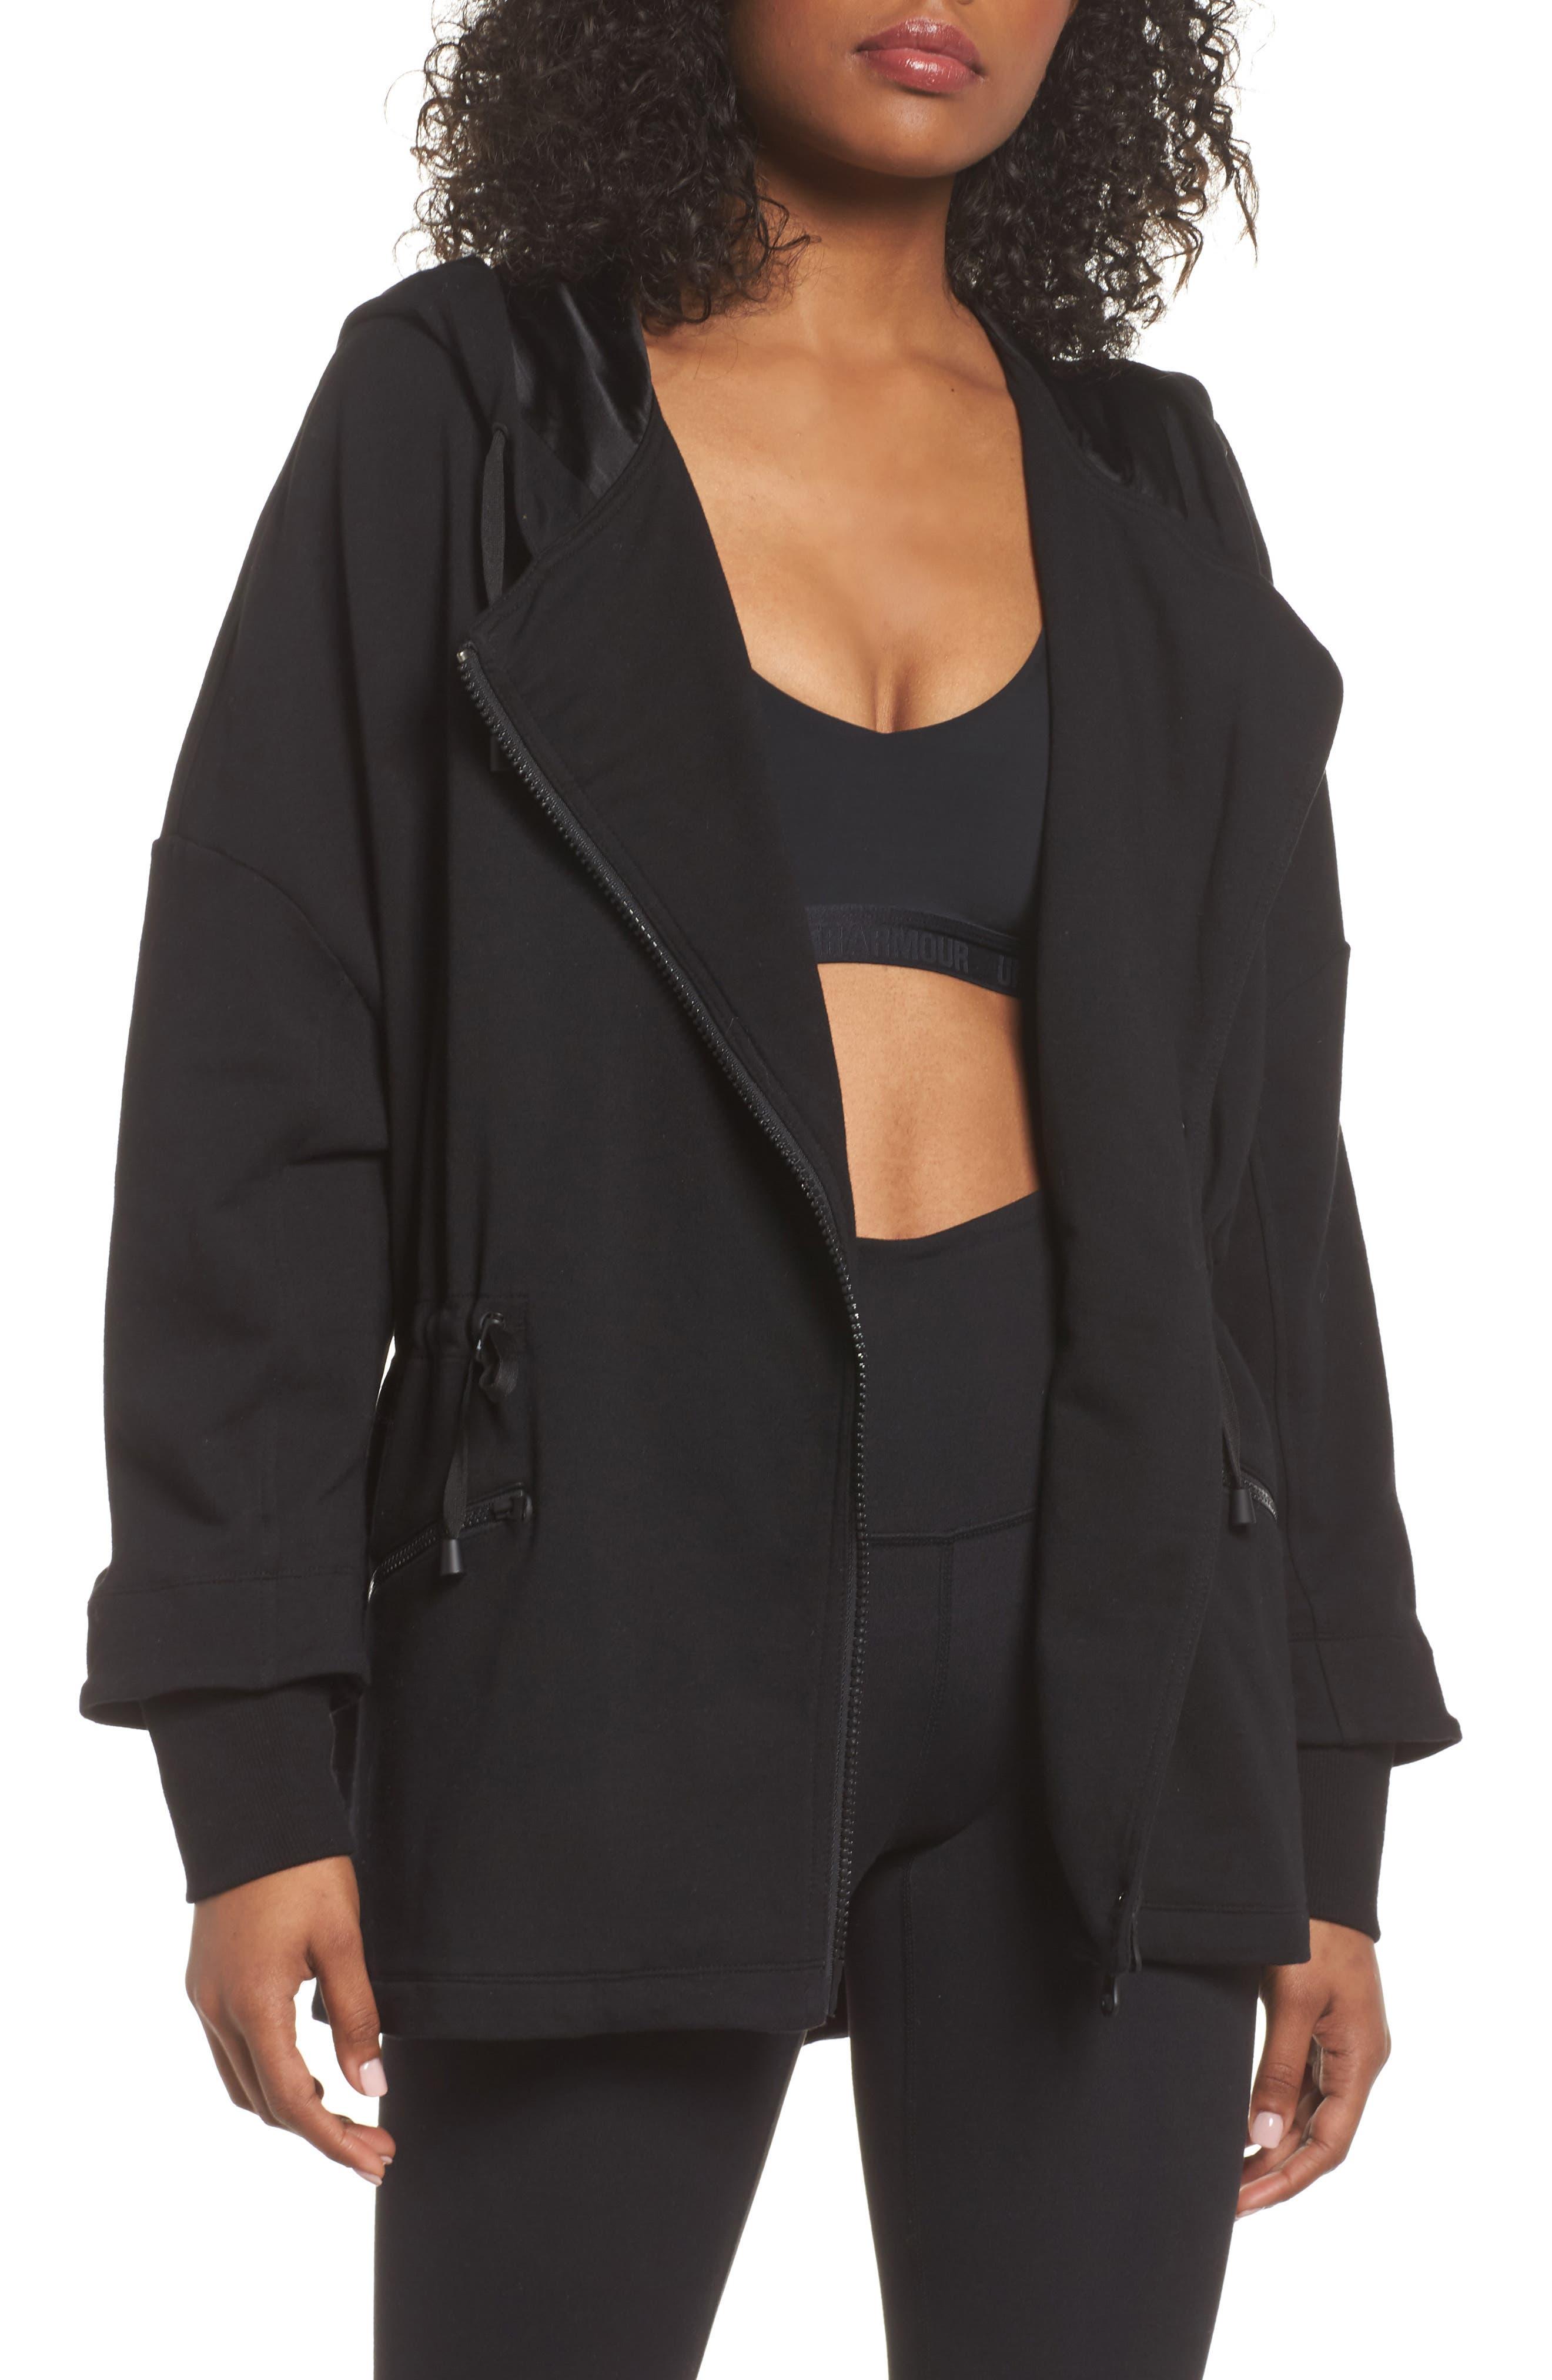 Blanc noir lace coat over dress